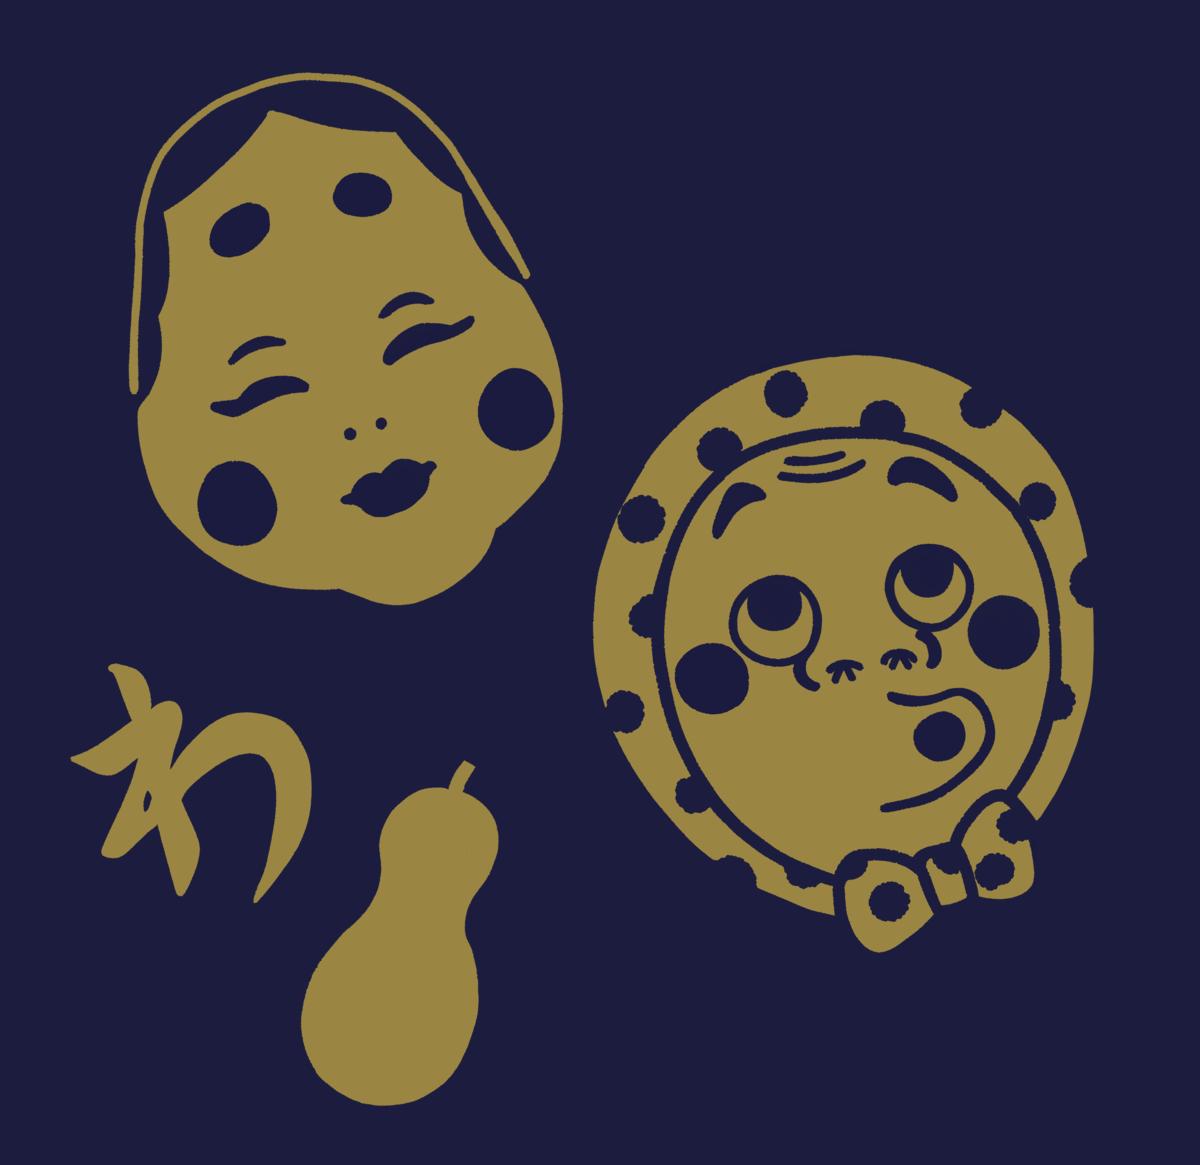 f:id:hayakawasetsuyaku:20200824123248p:plain